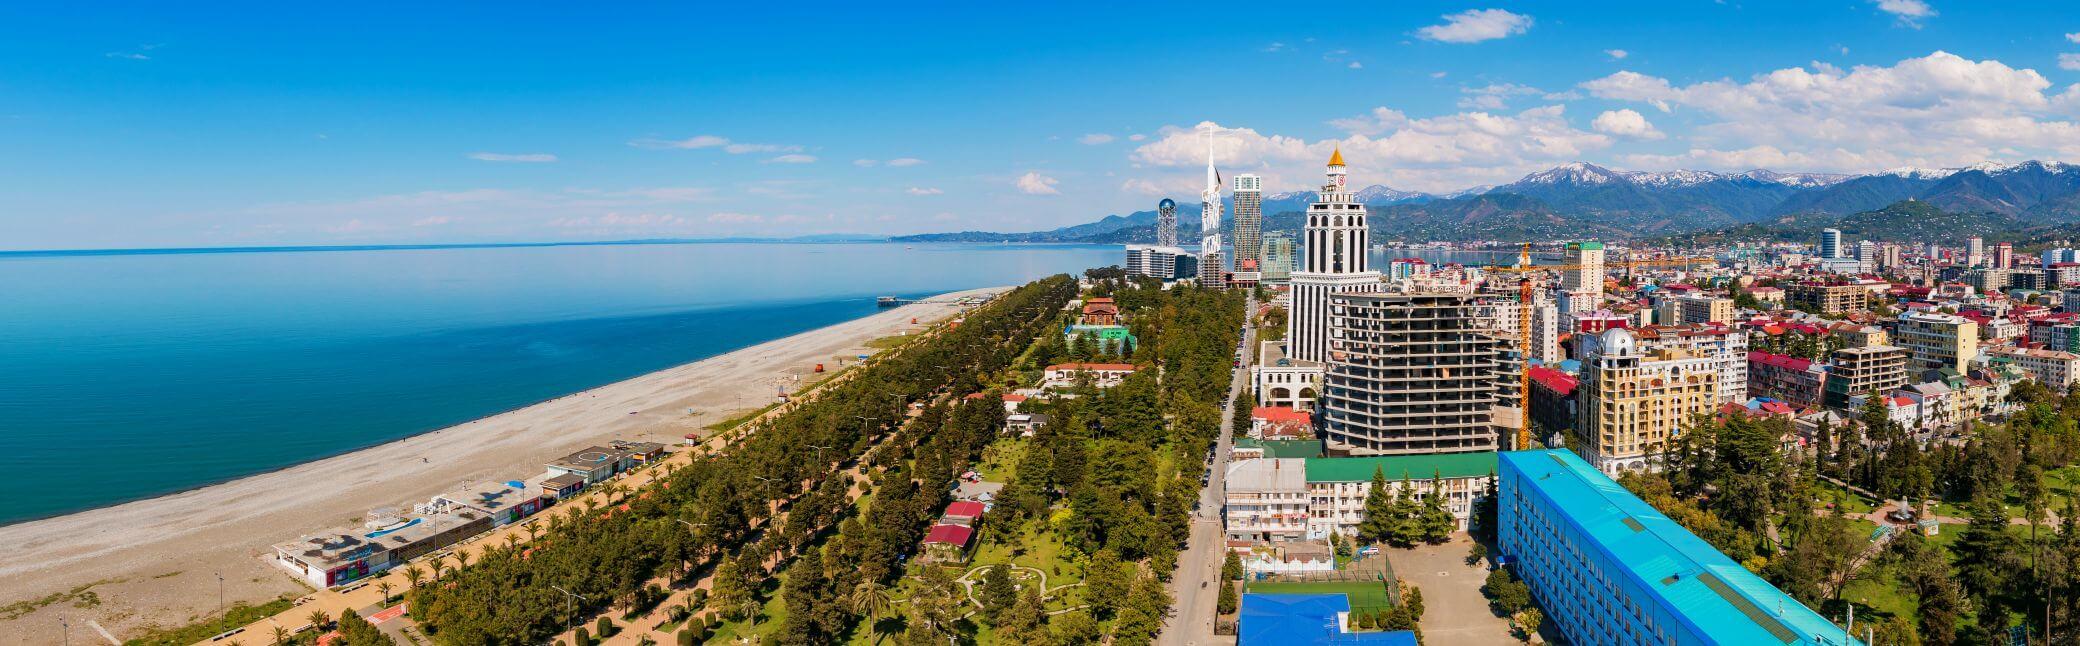 Georgia, Batumi